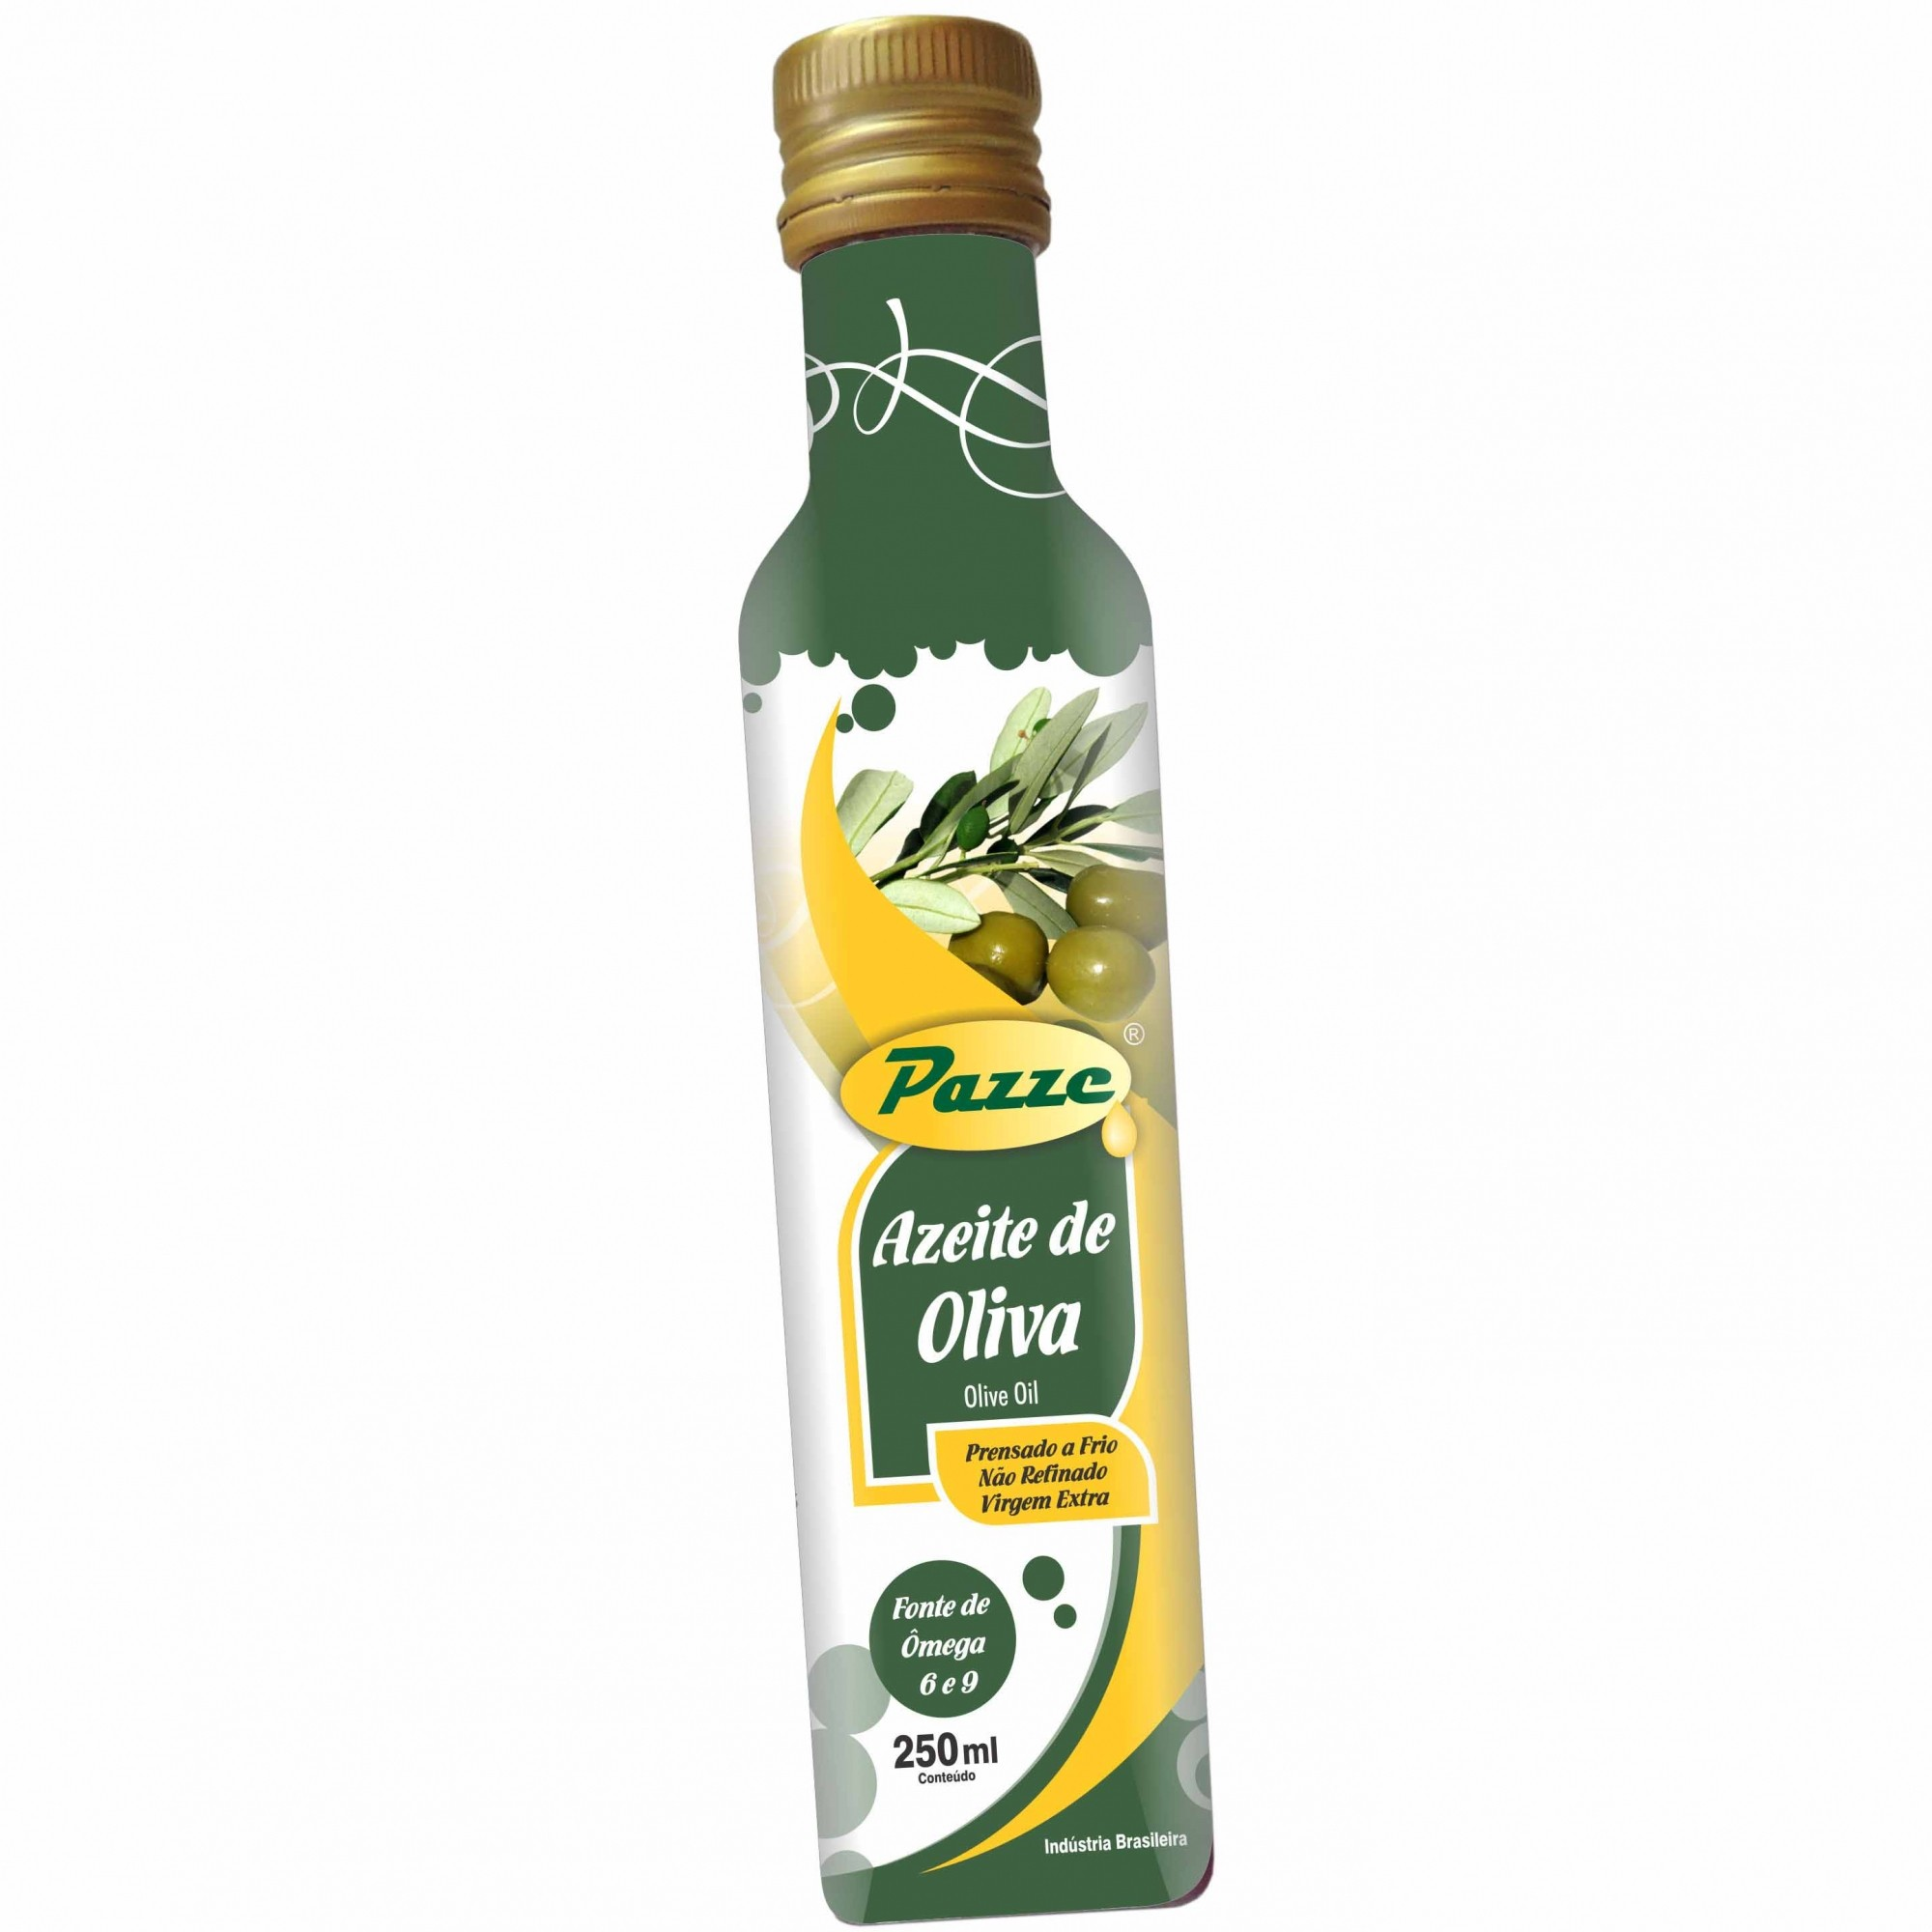 Azeite de Oliva Extra Virgem 250ml - Pazze